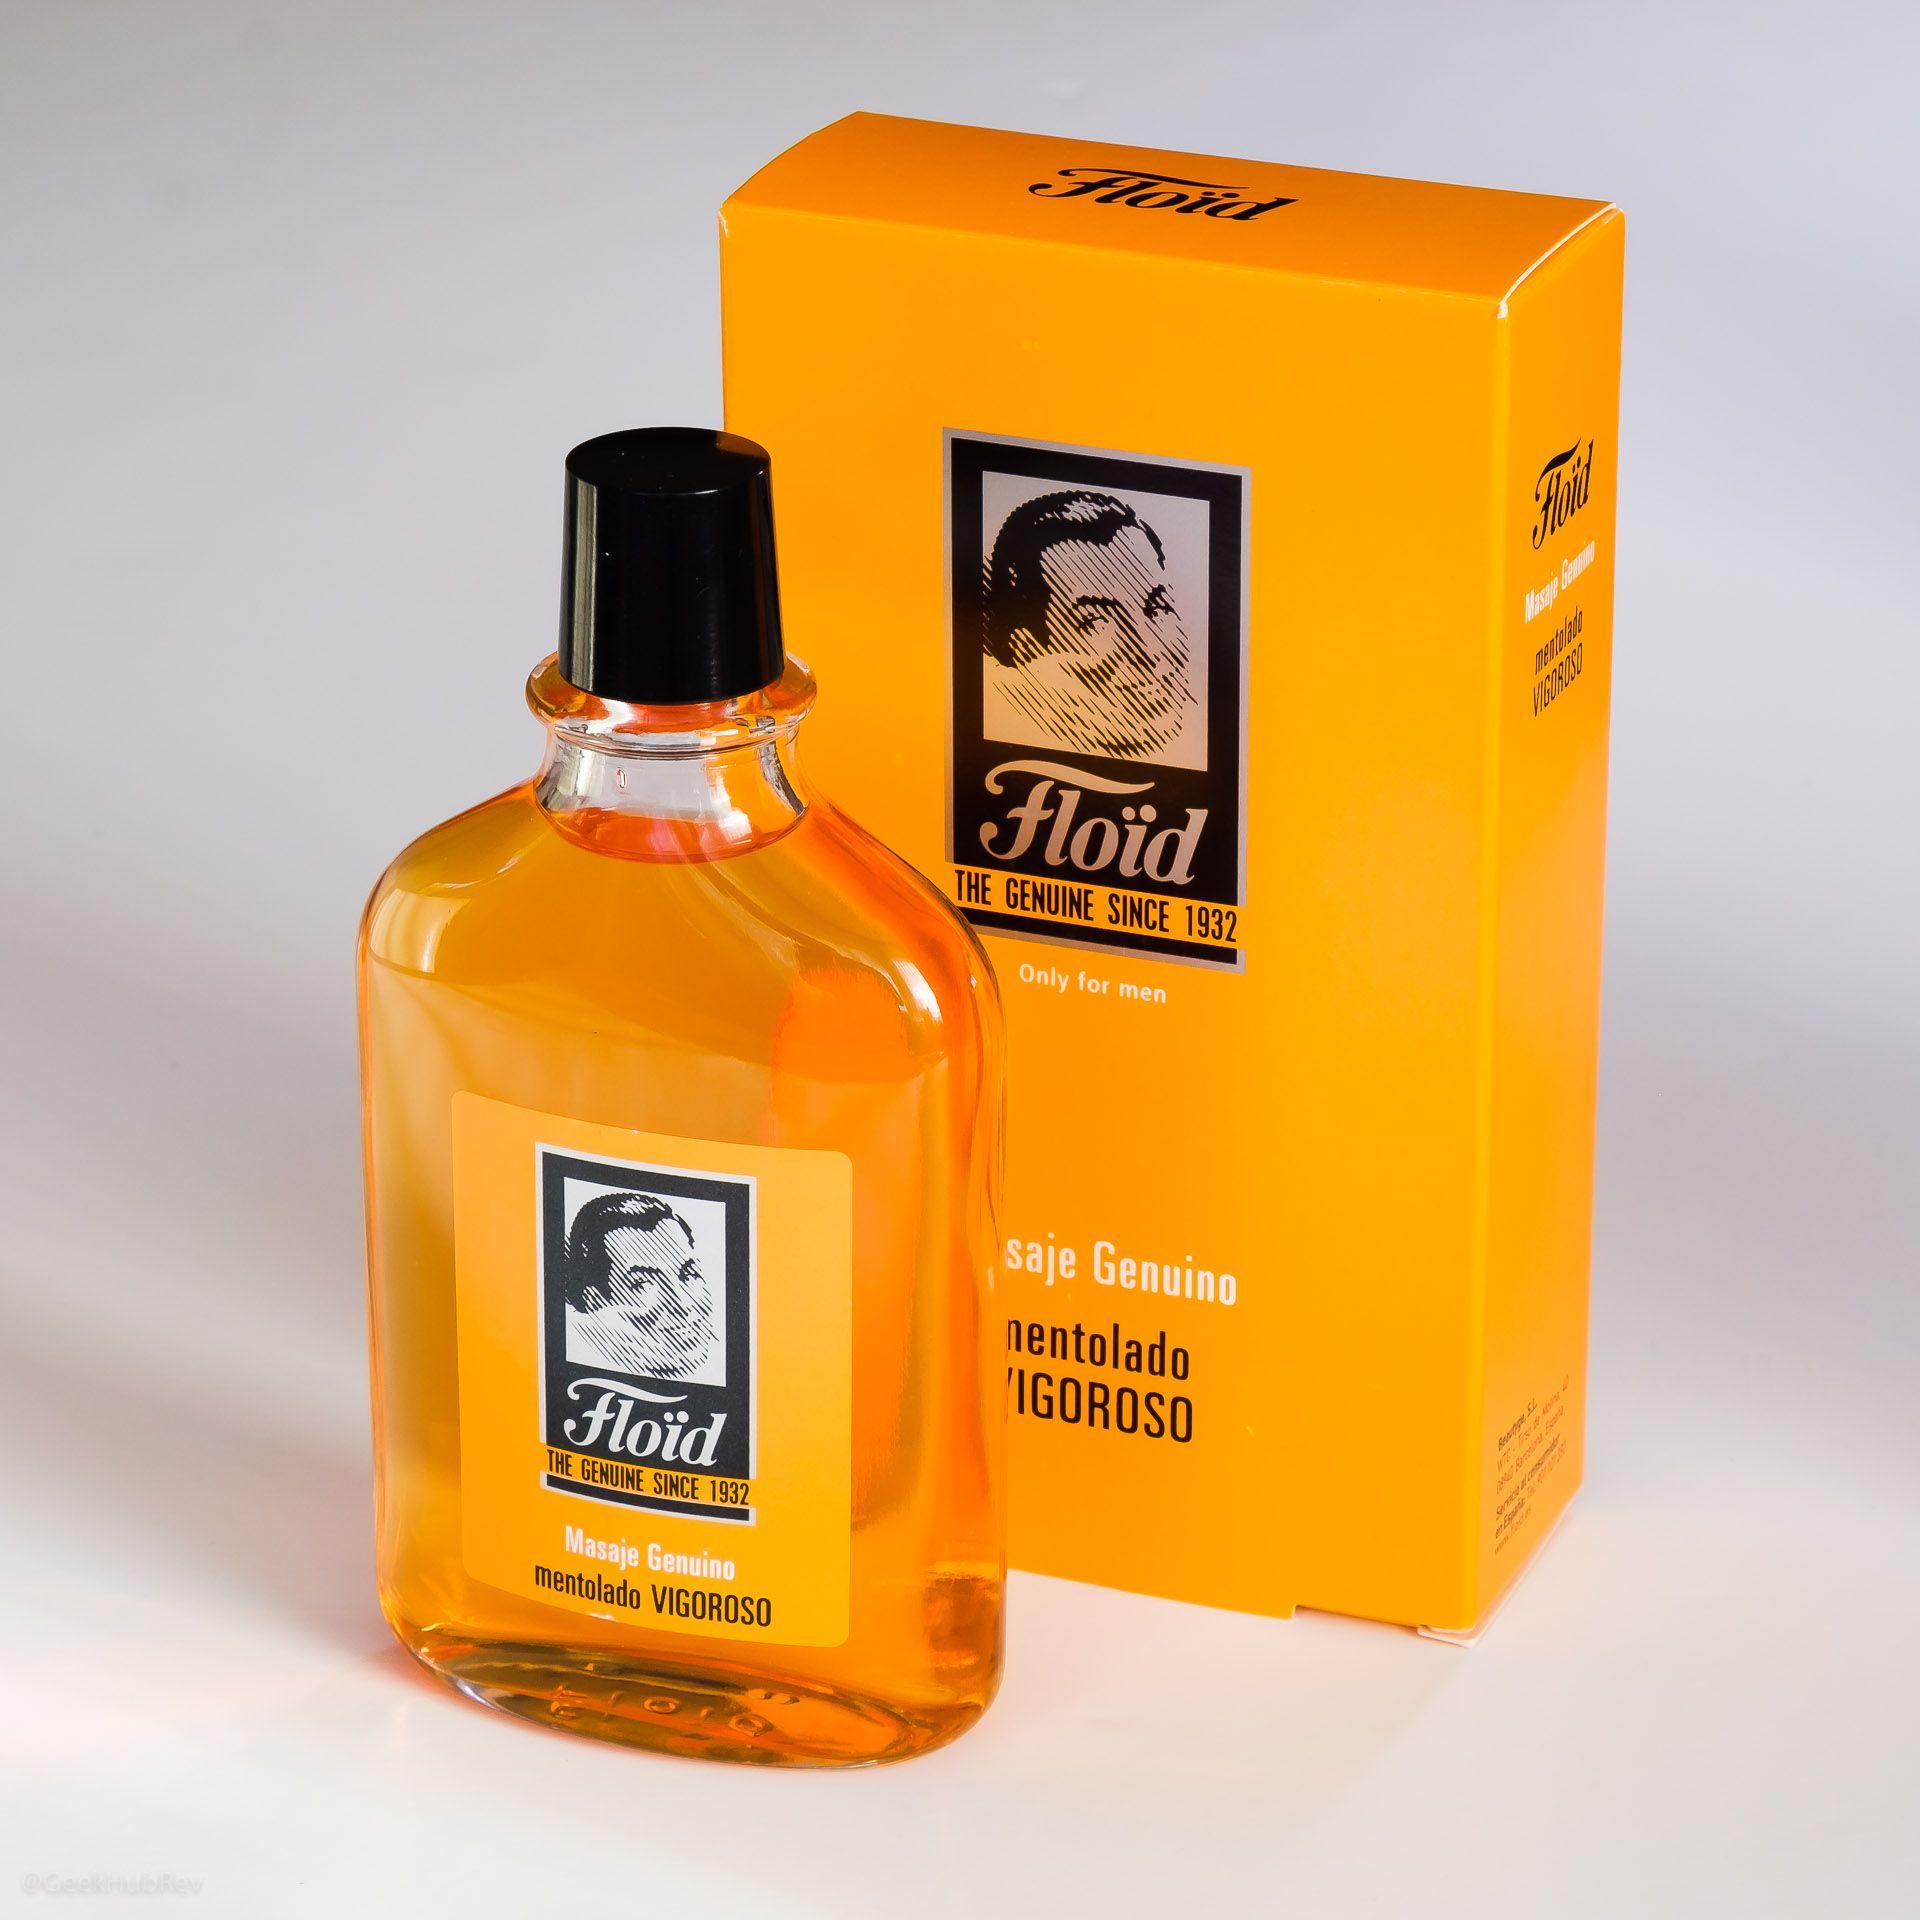 Opakowanie wody po goleniu Floïd Masaje Genuino Mentolado Vigoroso (Aftershave)